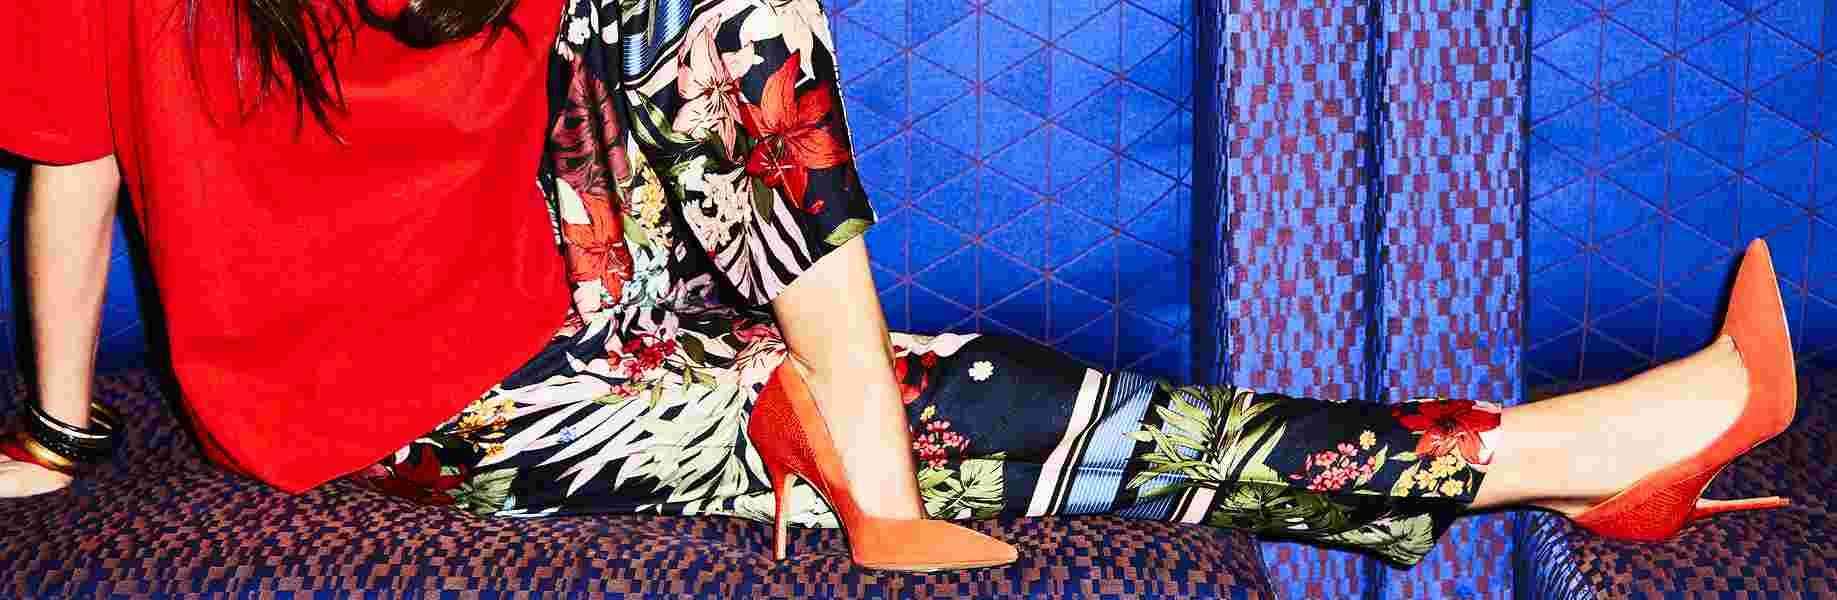 photo d'une femme assise par terre avec un pantalon fleuri et des chaussures à talon rouges, les boomeuses